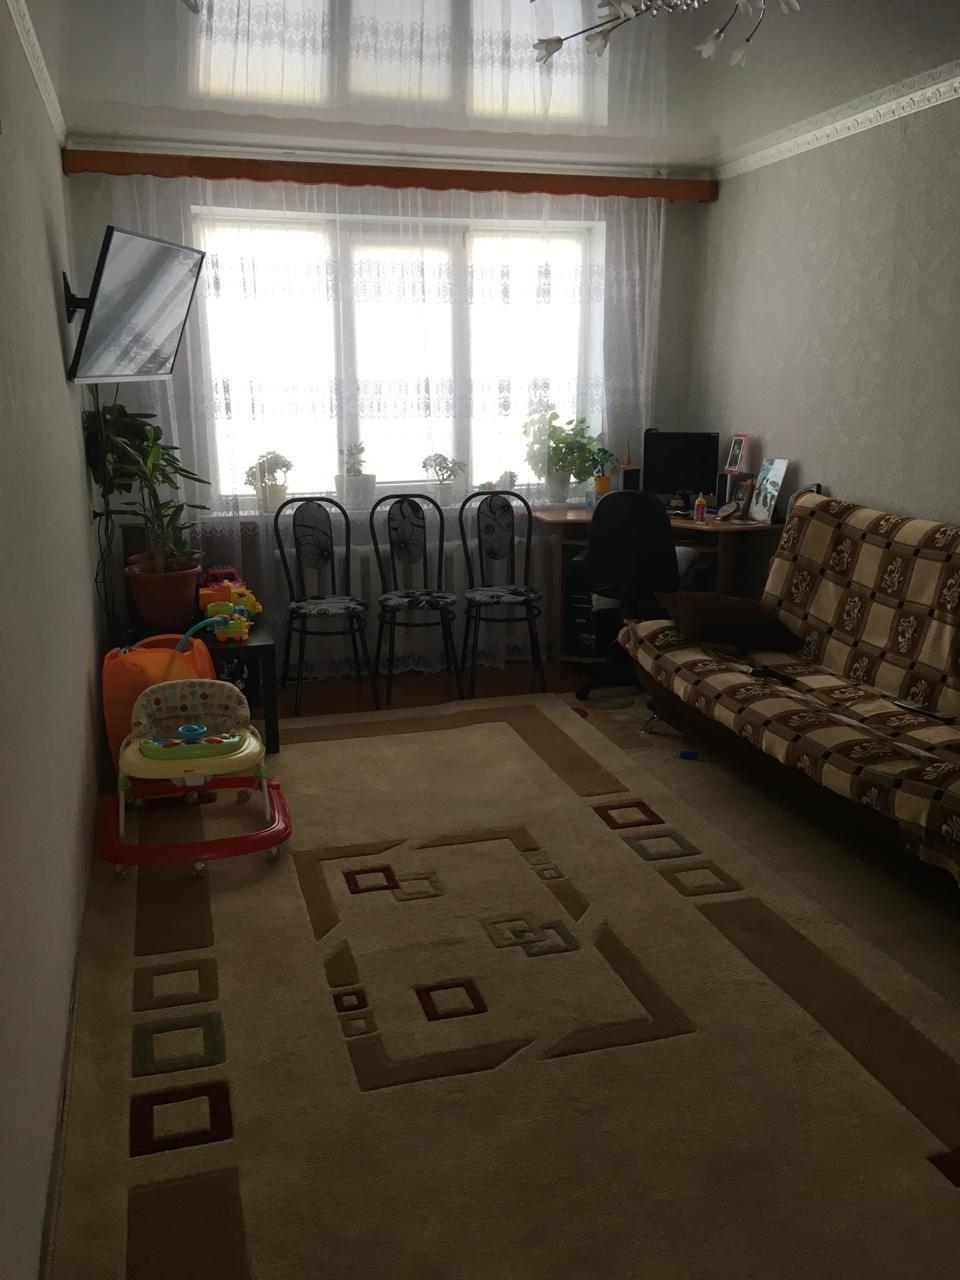 Купить квартиру в поселке Первомайский  | Объявления Орска и Новотроицка №2635